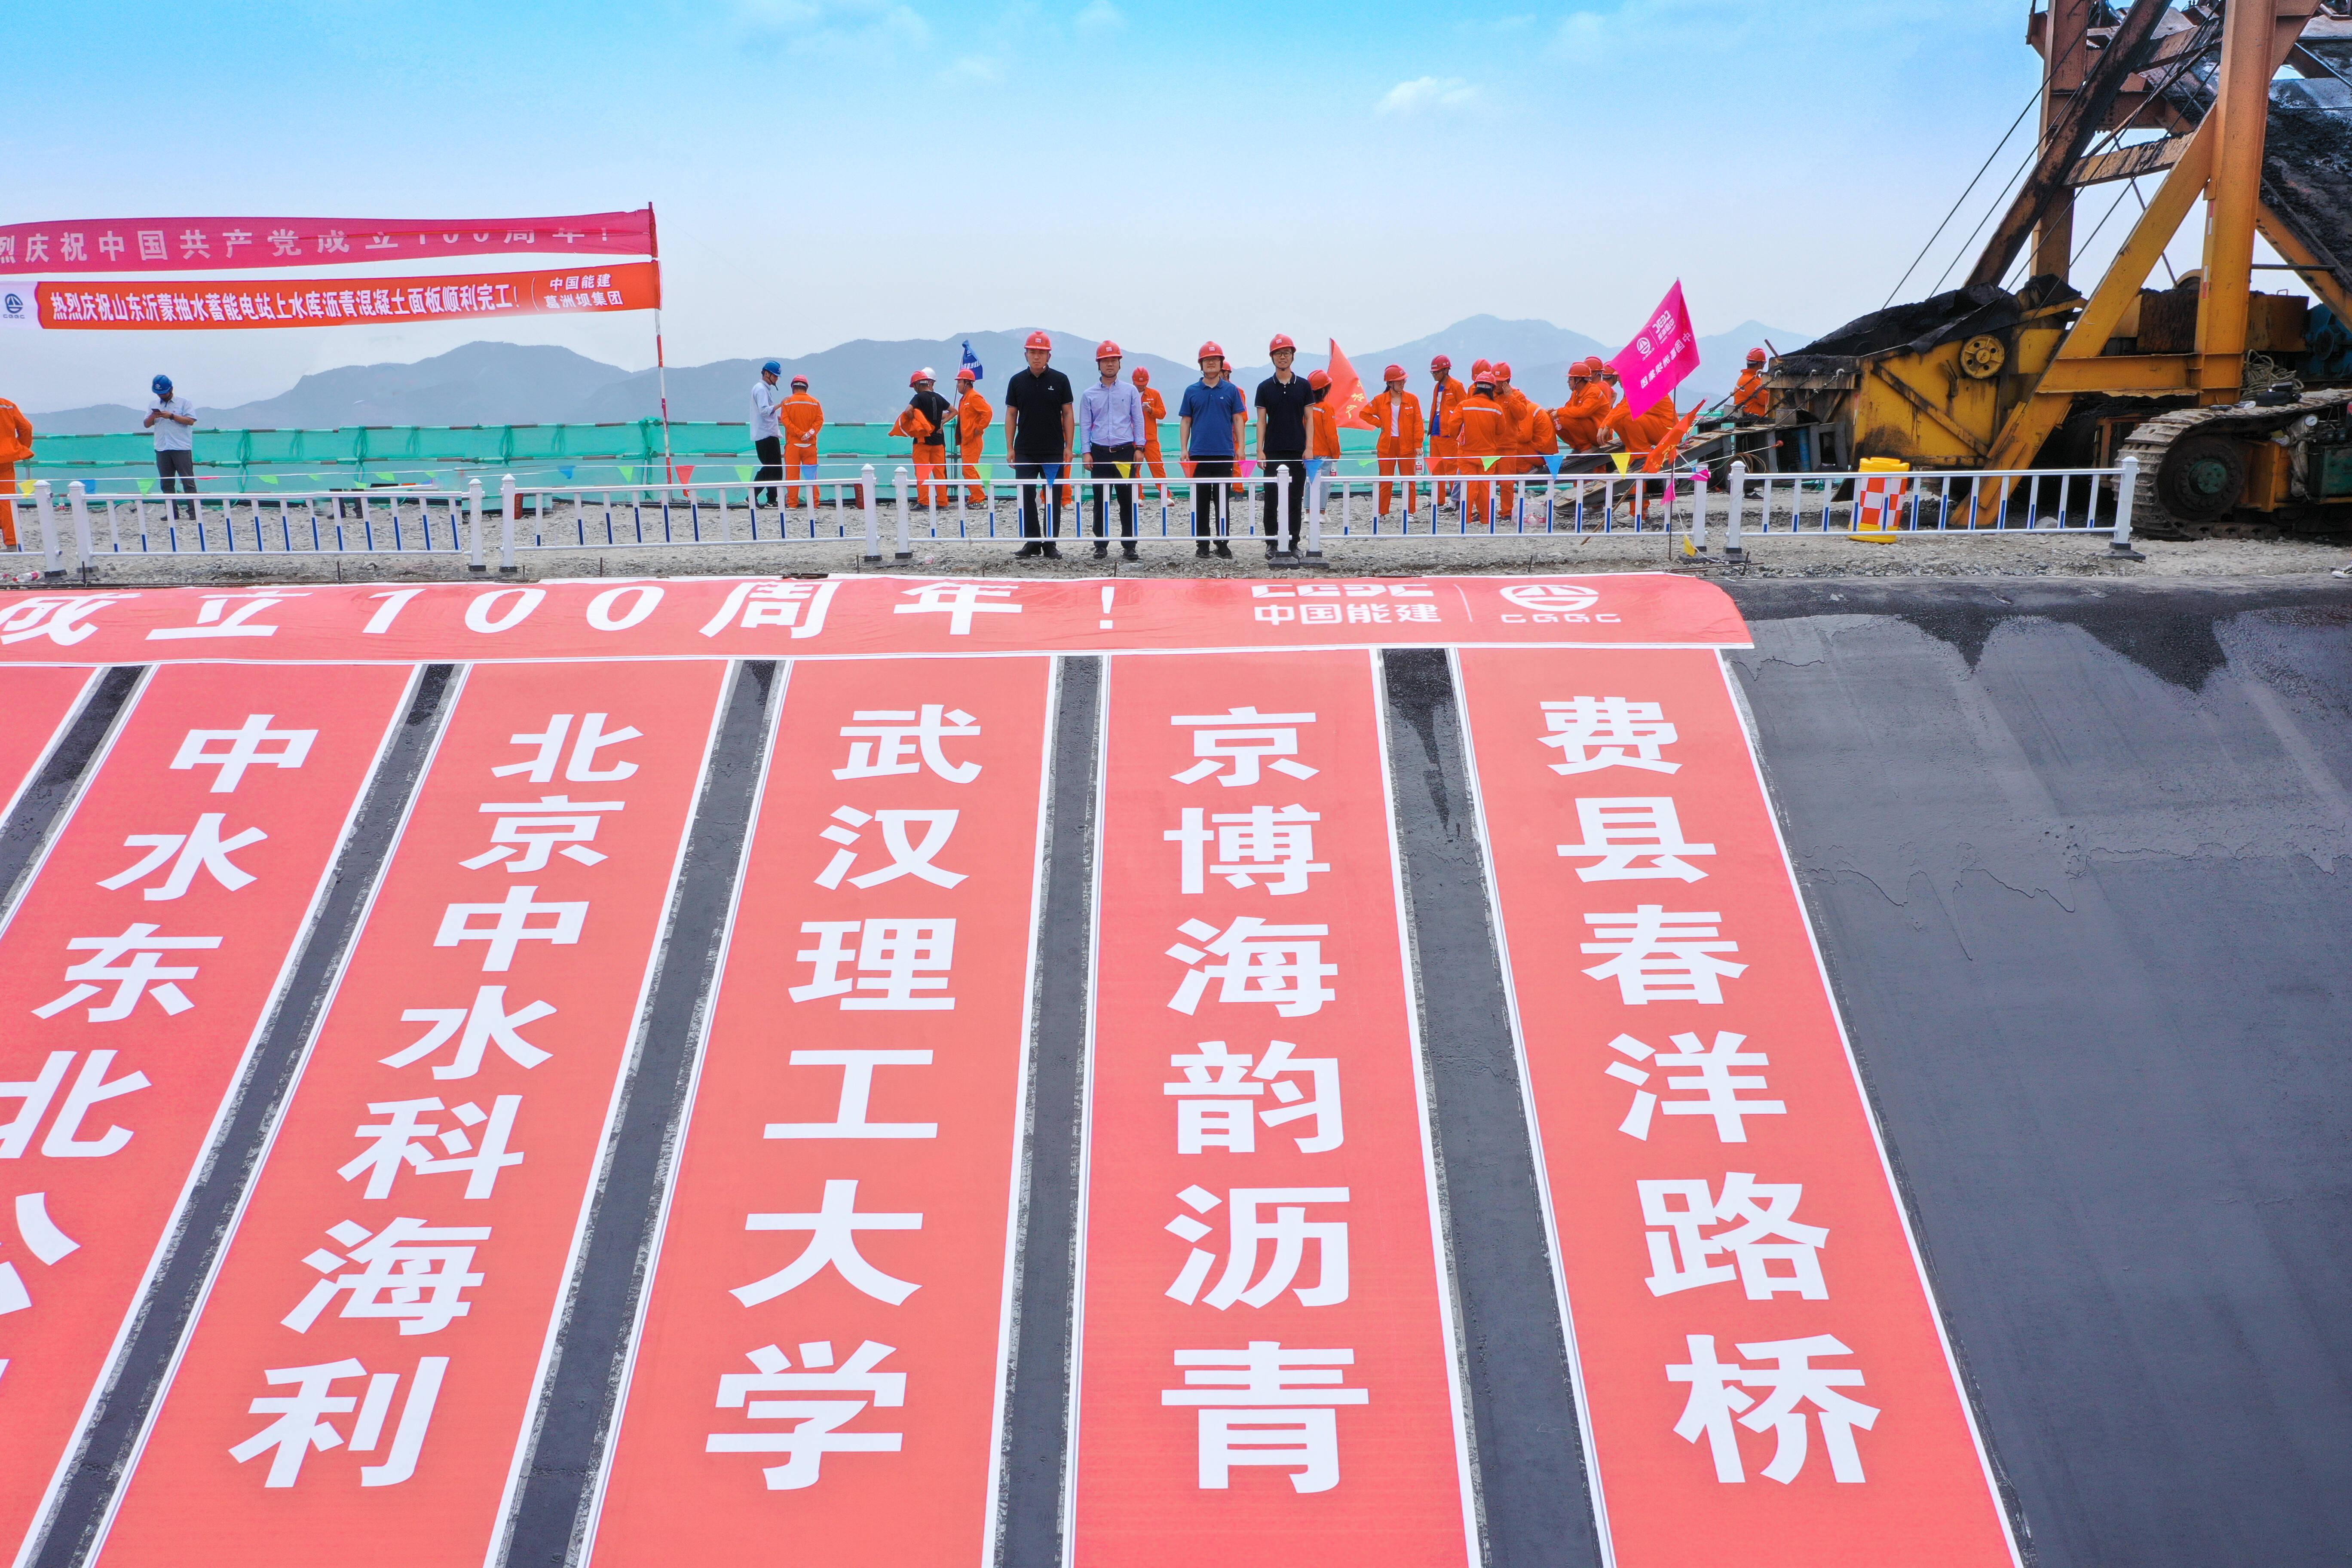 京博石化海韵沥青助力大(1)型一等工程——沂蒙抽水蓄能电站上水库主体工程顺利完工